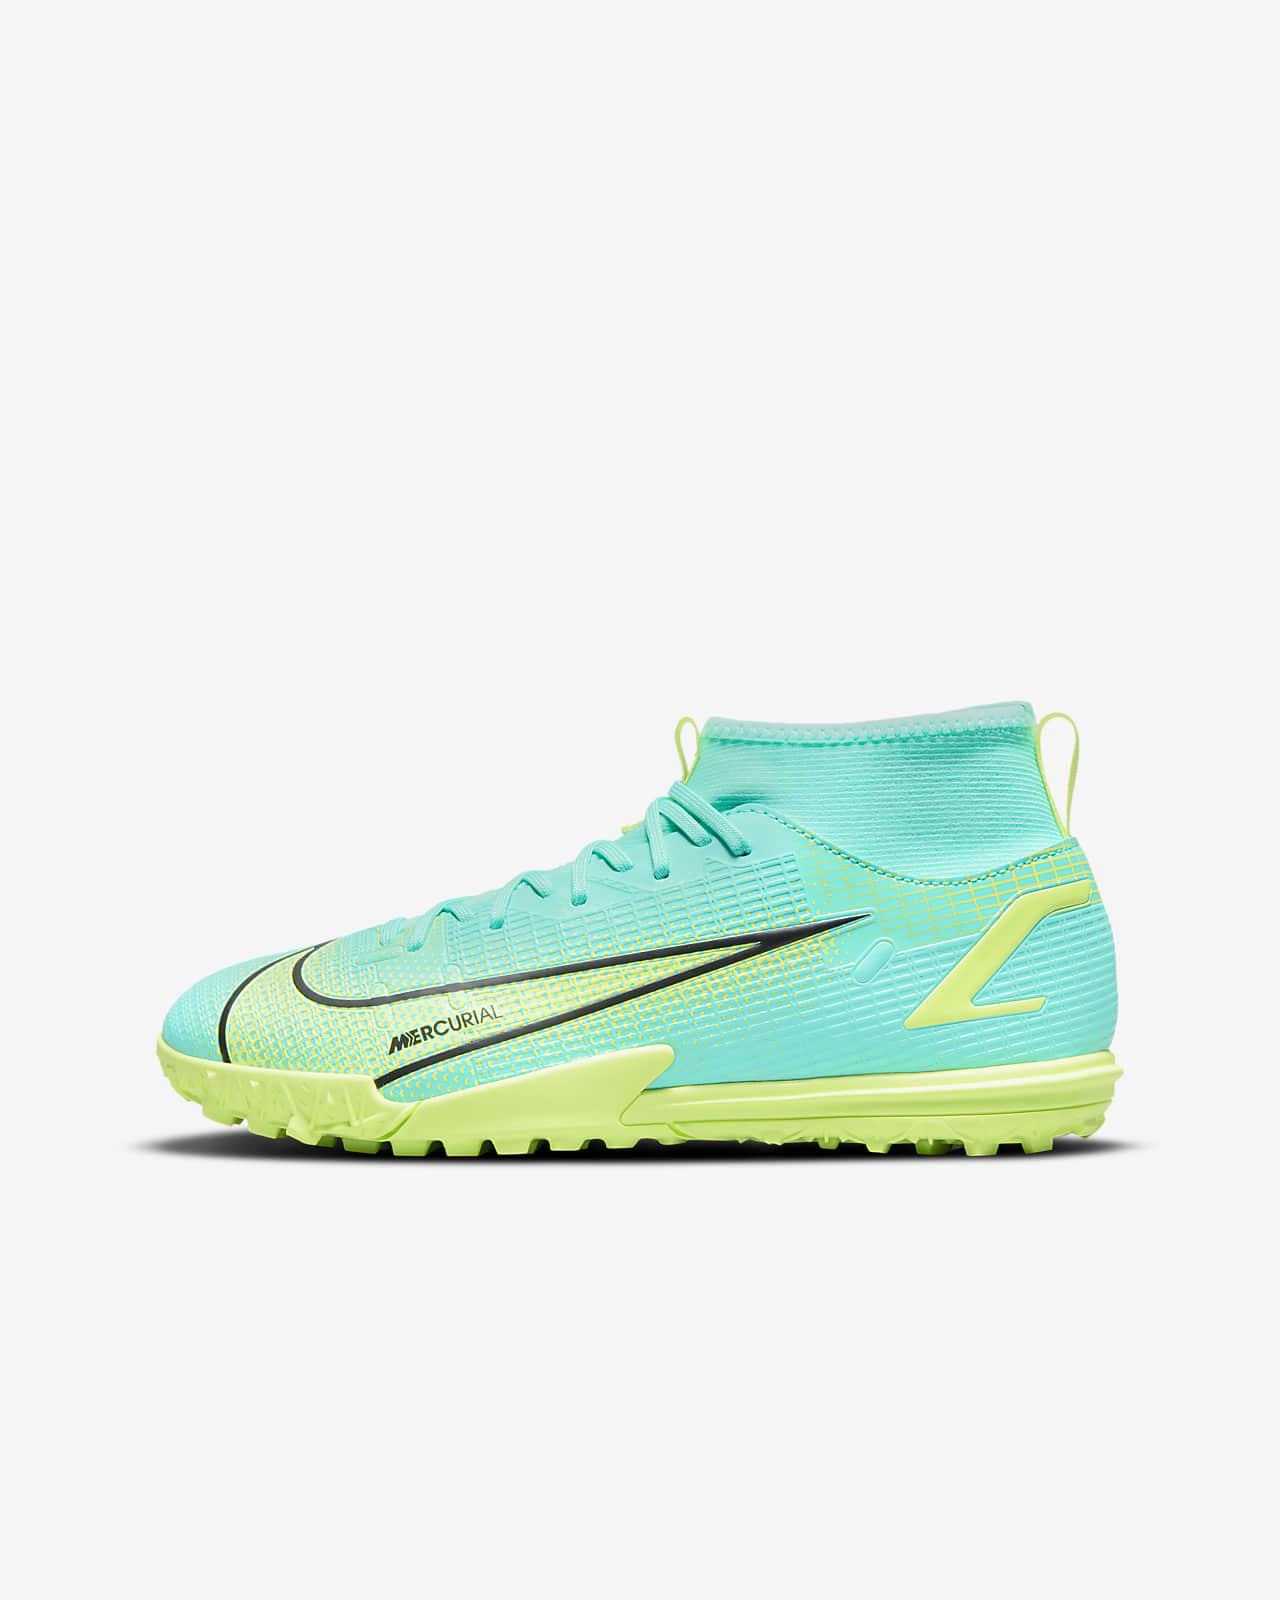 Chaussure de football pour surface synthétique Nike Jr. Mercurial Superfly 8 Academy TF pour Jeune enfant/Enfant plus âgé